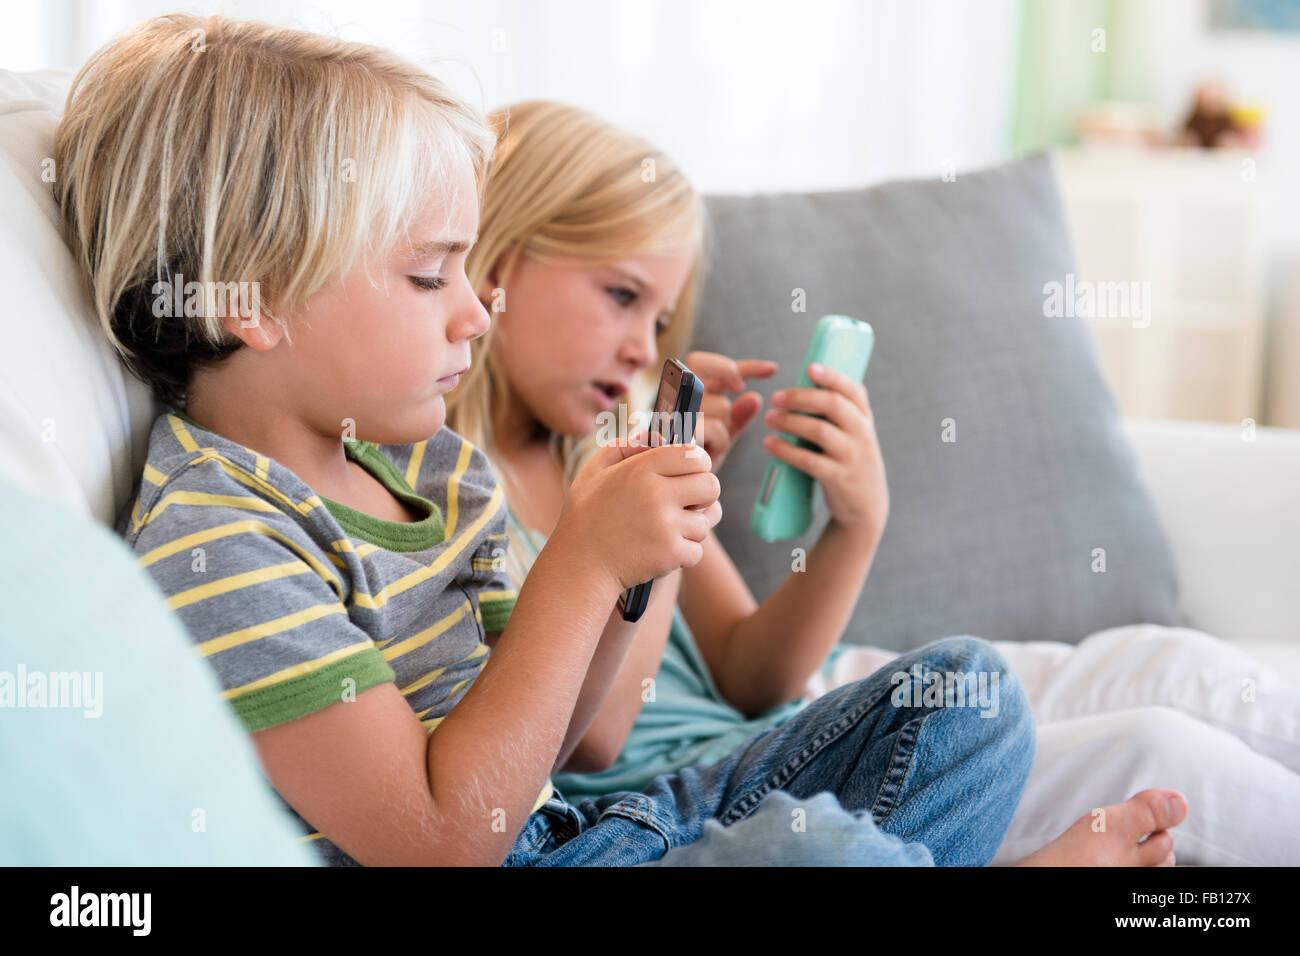 Chico y chica (4-5) (6-7) jugando juegos en teléfonos inteligentes. Imagen De Stock